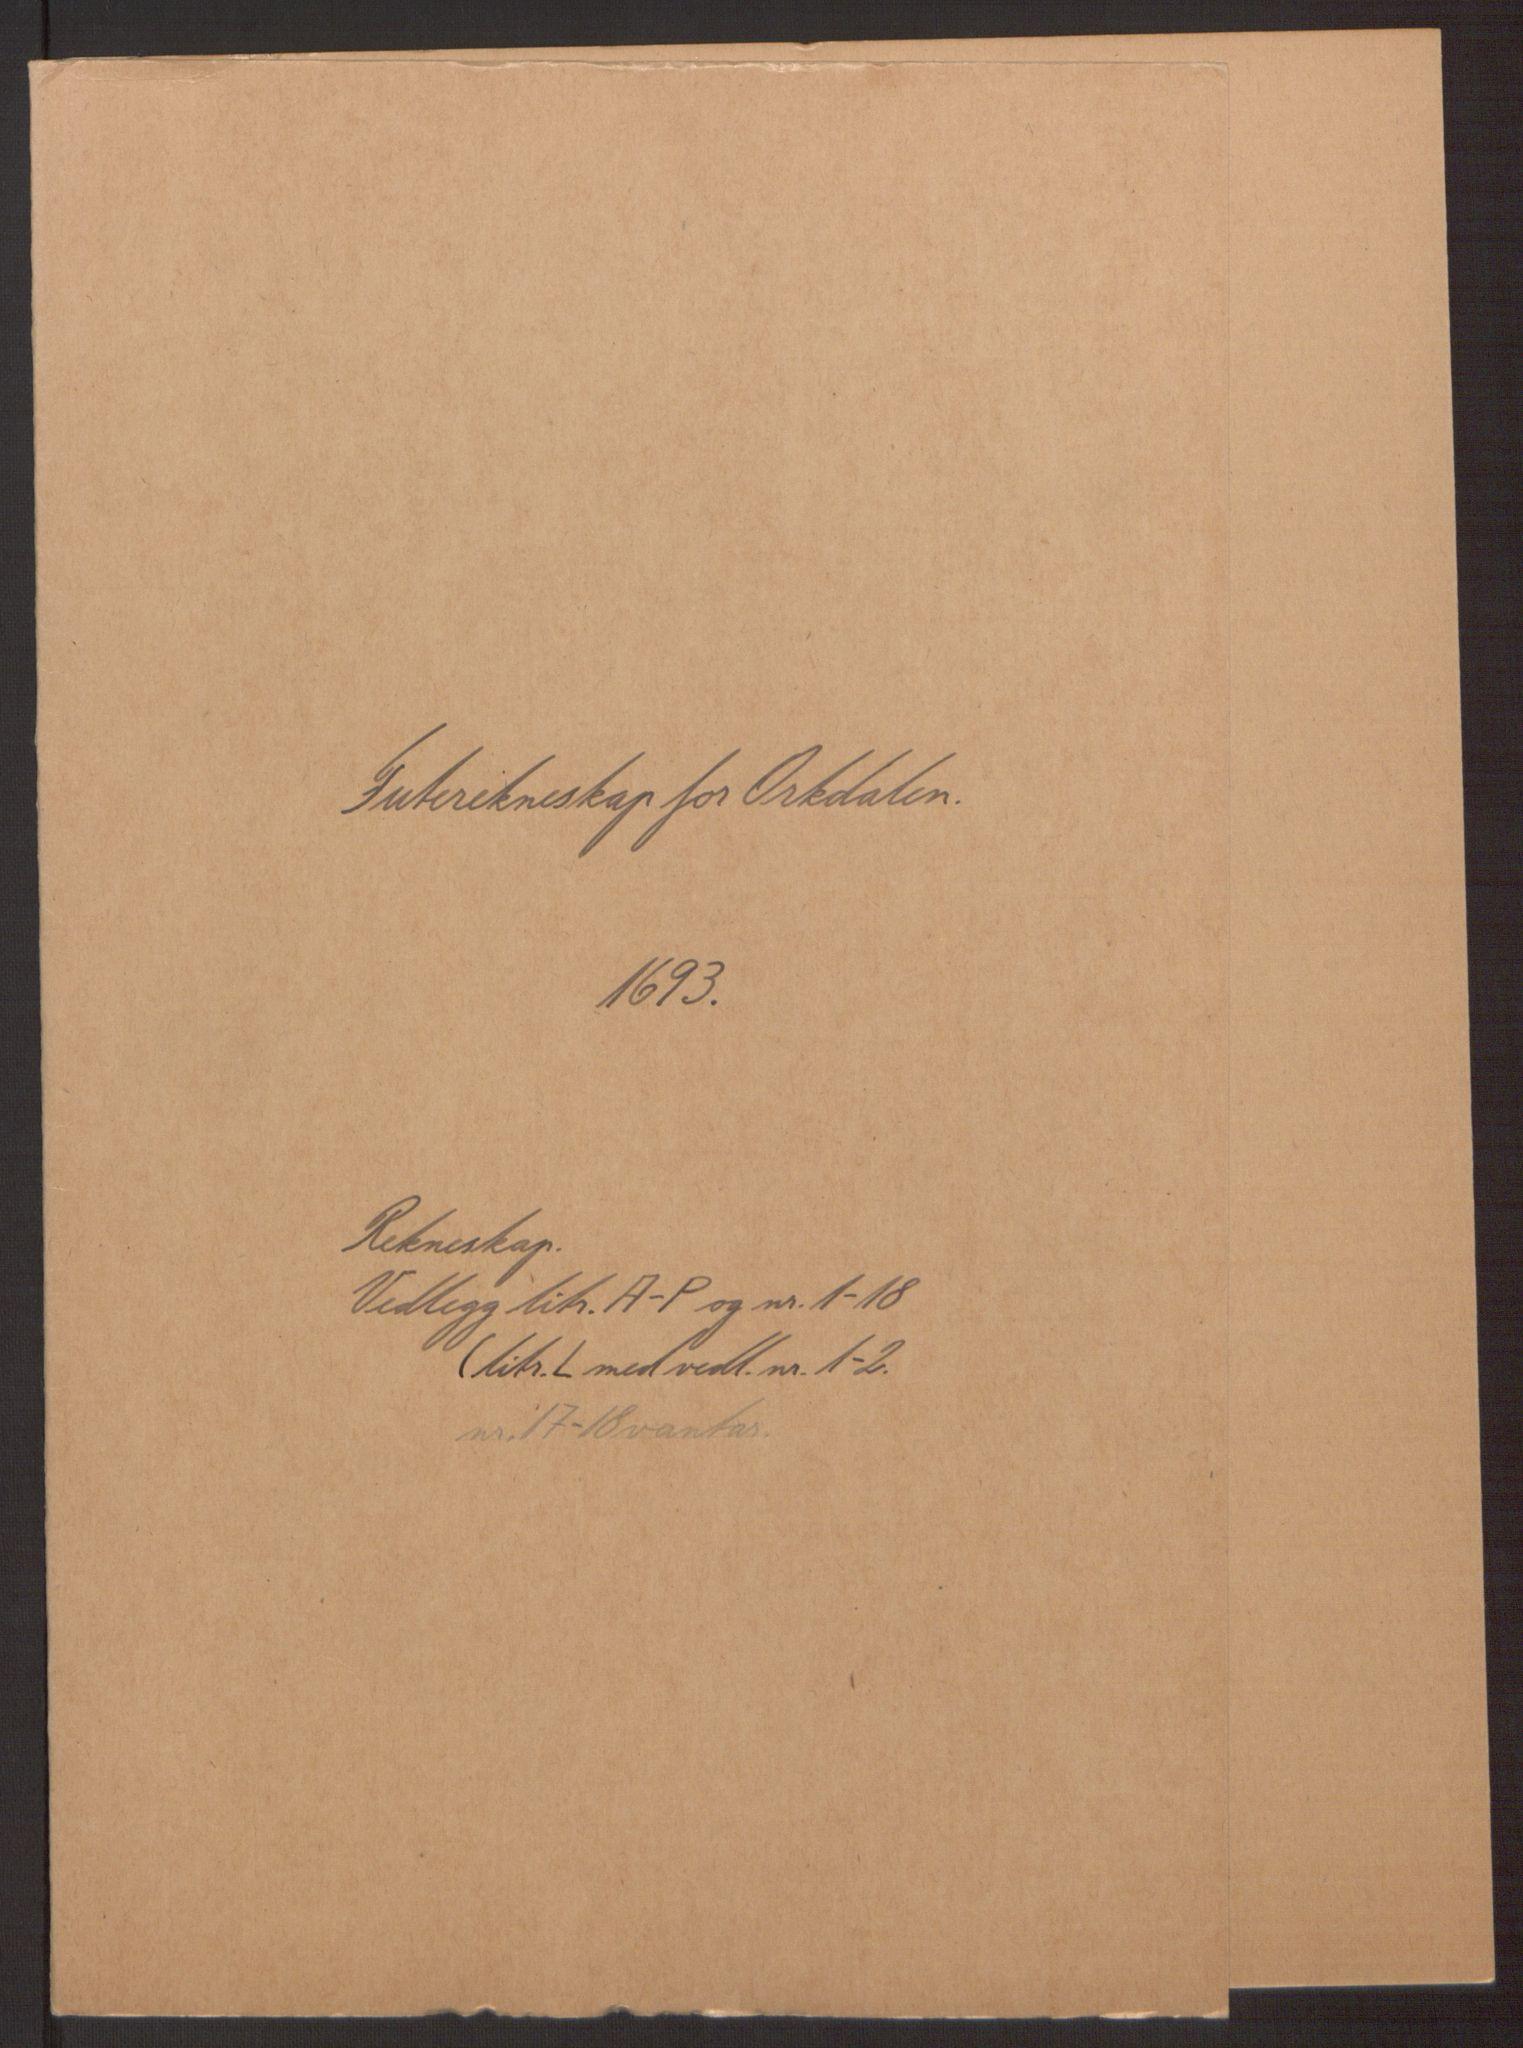 RA, Rentekammeret inntil 1814, Reviderte regnskaper, Fogderegnskap, R58/L3938: Fogderegnskap Orkdal, 1693, s. 2